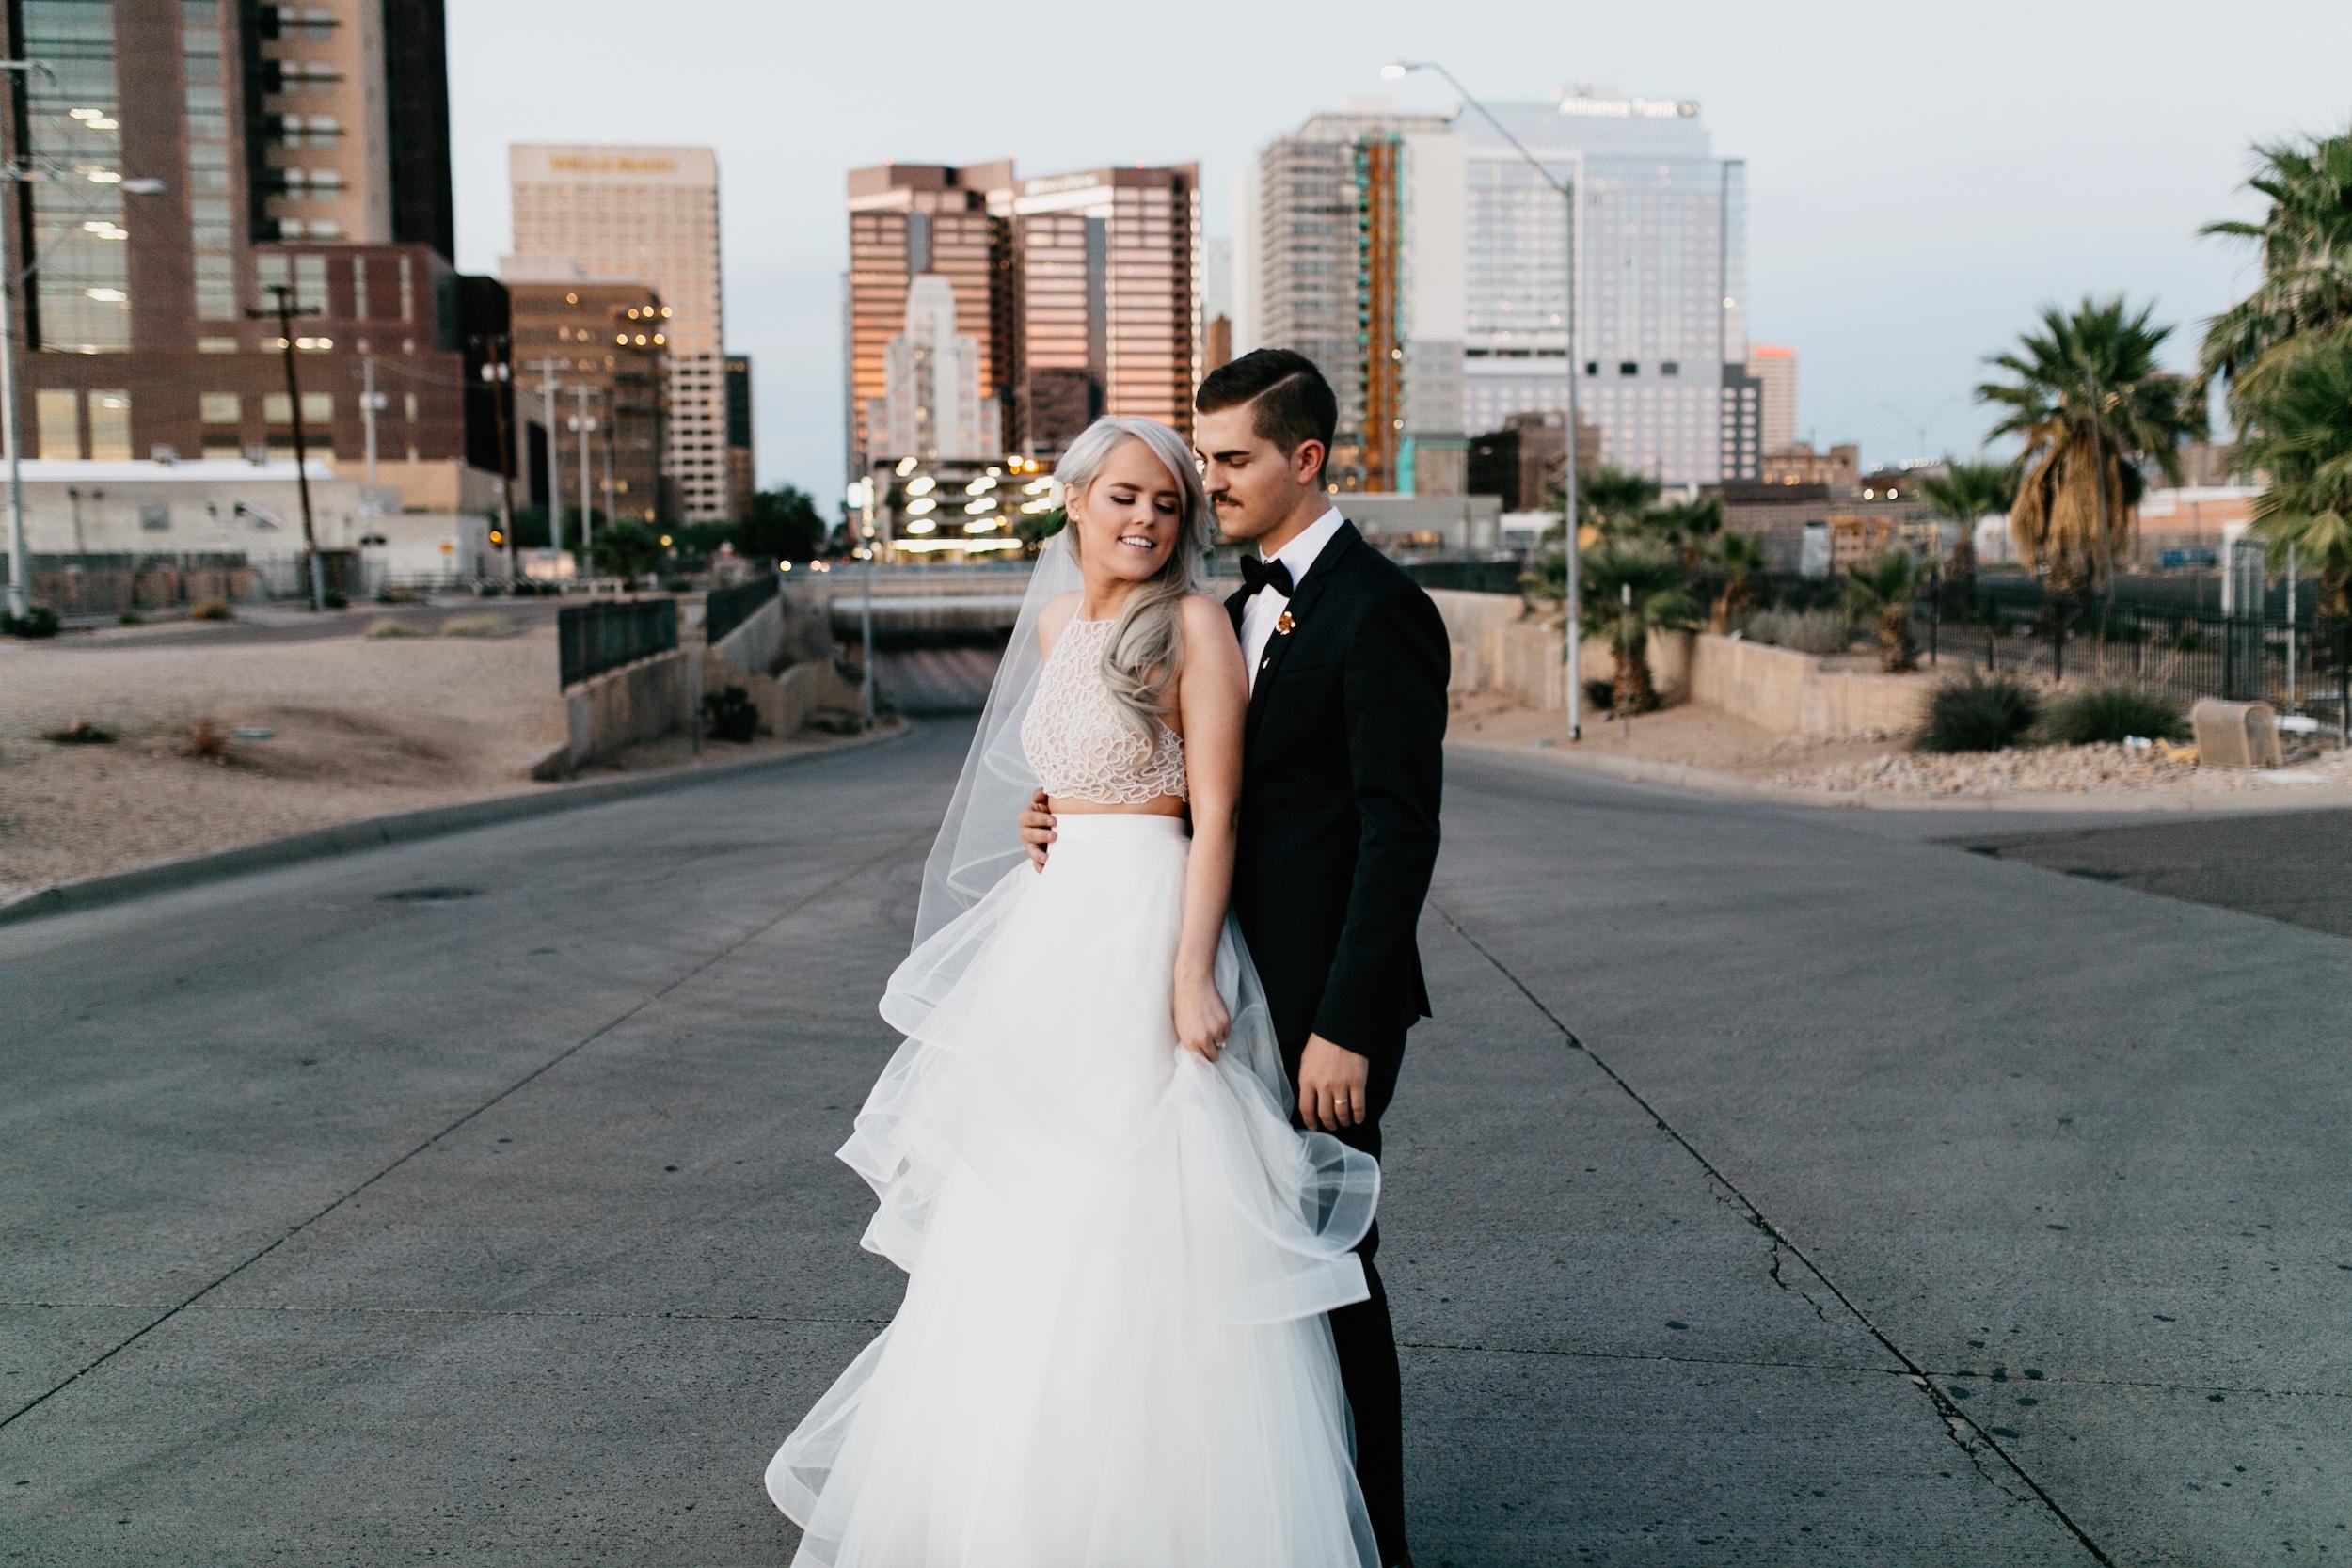 arizona - wedding - photography 01693.jpg